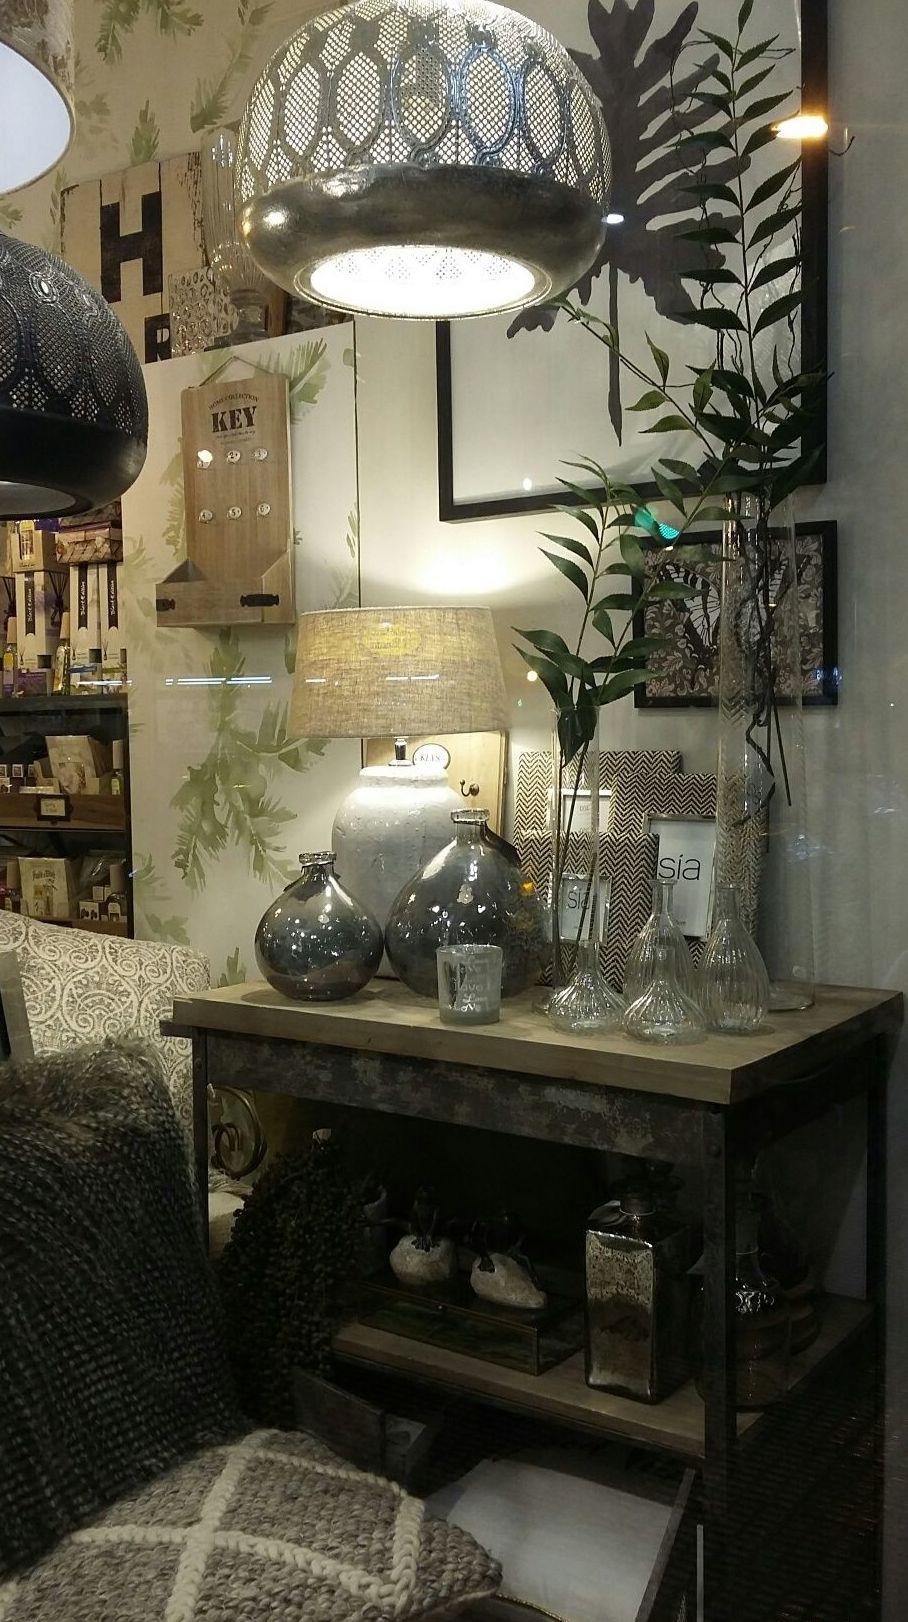 Foto 34 de Muebles y decoración en Zaragoza | S de Susana Decoración